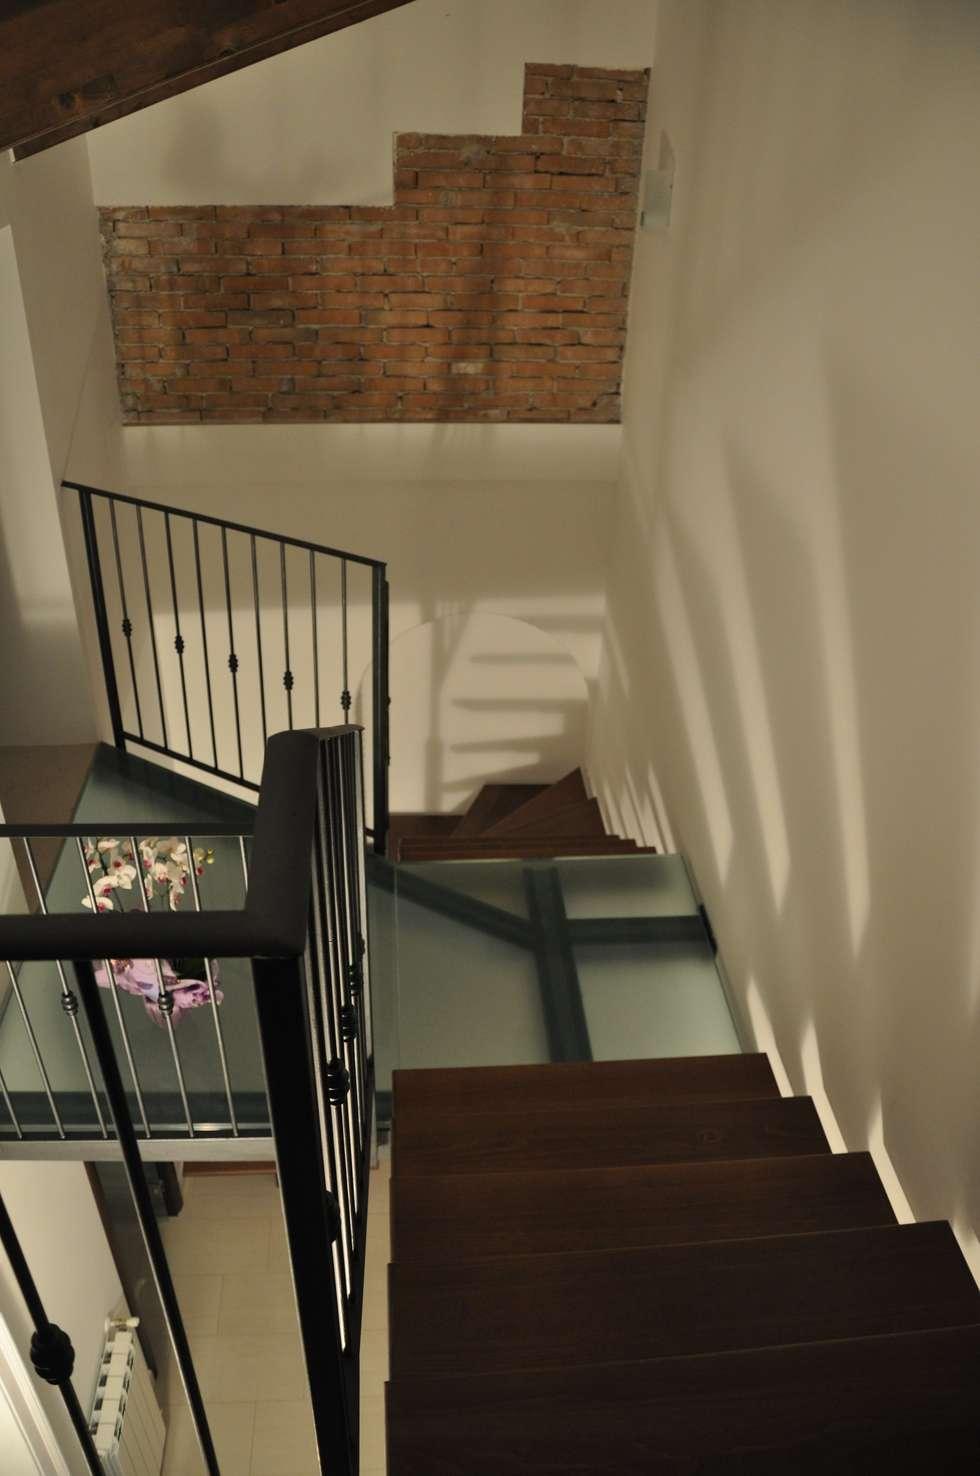 Progetto collegamento verticale in acciaio, legno e vetro strutturale.: Ingresso & Corridoio in stile  di LORENZO RUBINETTI DESIGN